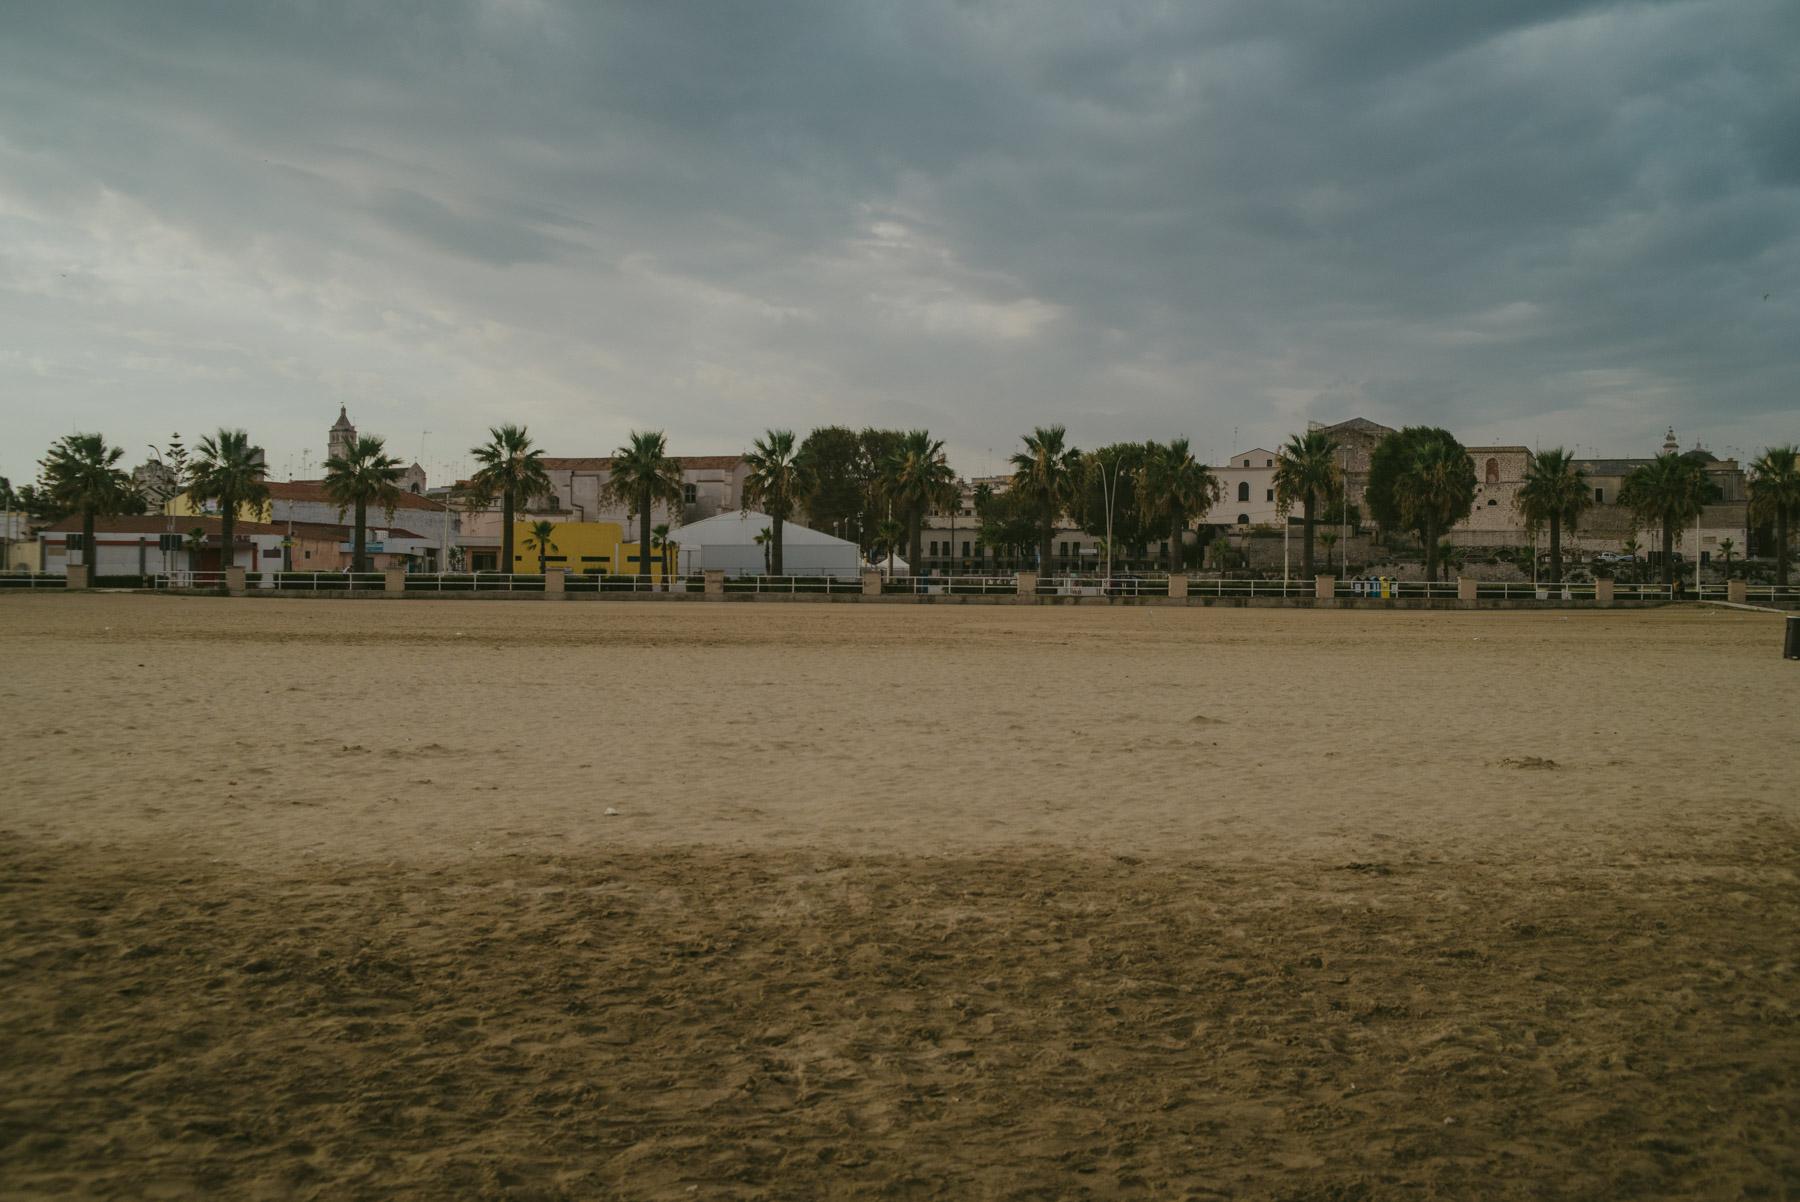 A very large beach in Barletta, empty and on a grey, moody and cloudy day - Una enorme spiaggia deserta a Barletta in una giornata nuvolosa e grigia